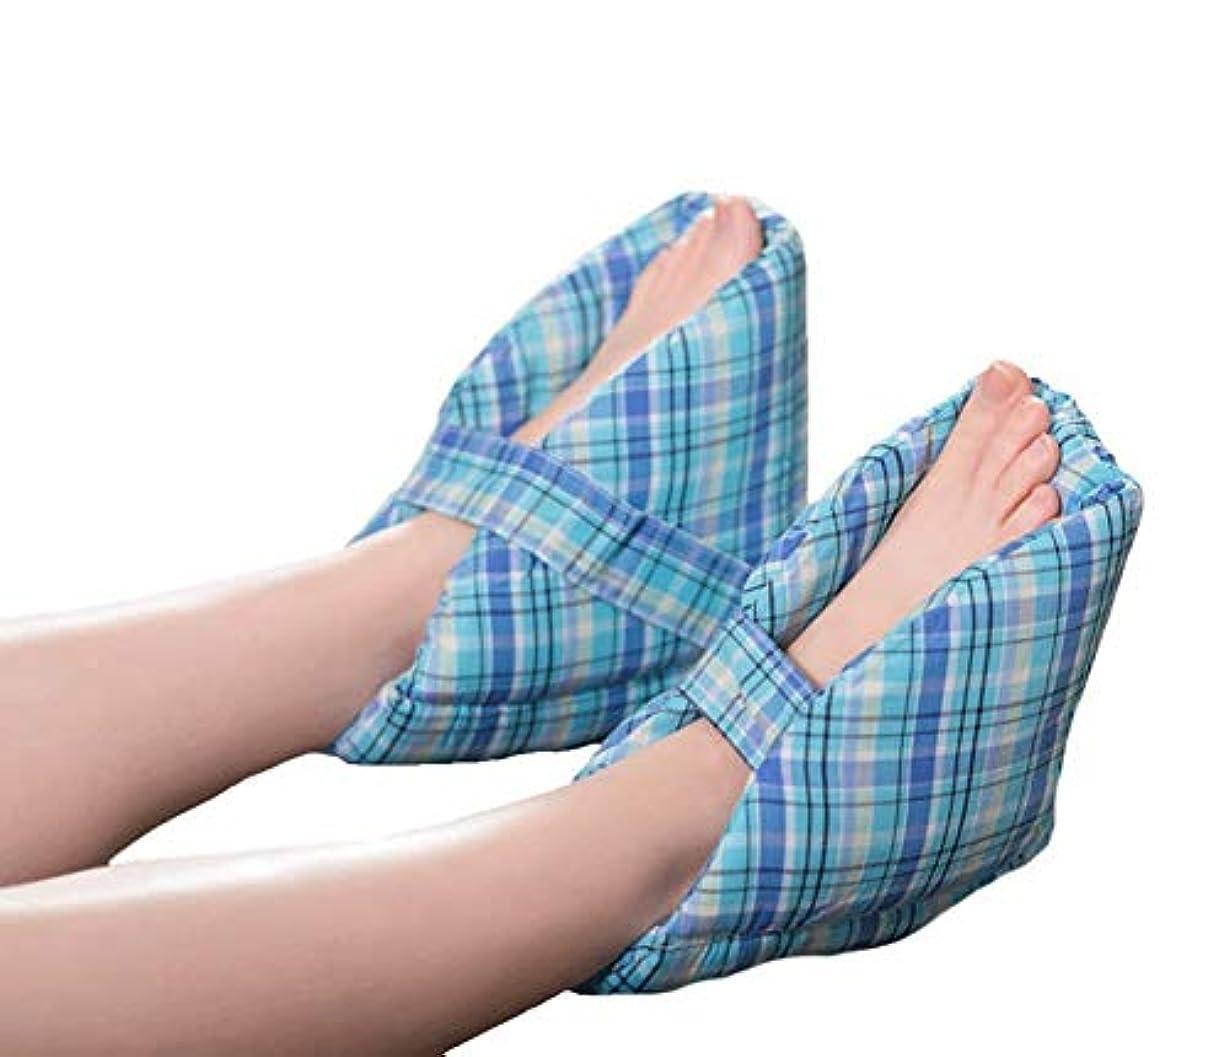 従順な等偶然のかかとプロテクター枕、足補正カバー、効果的なPressure瘡とかかと潰瘍の救済、腫れた足に最適、快適なかかと保護足枕、1ペア